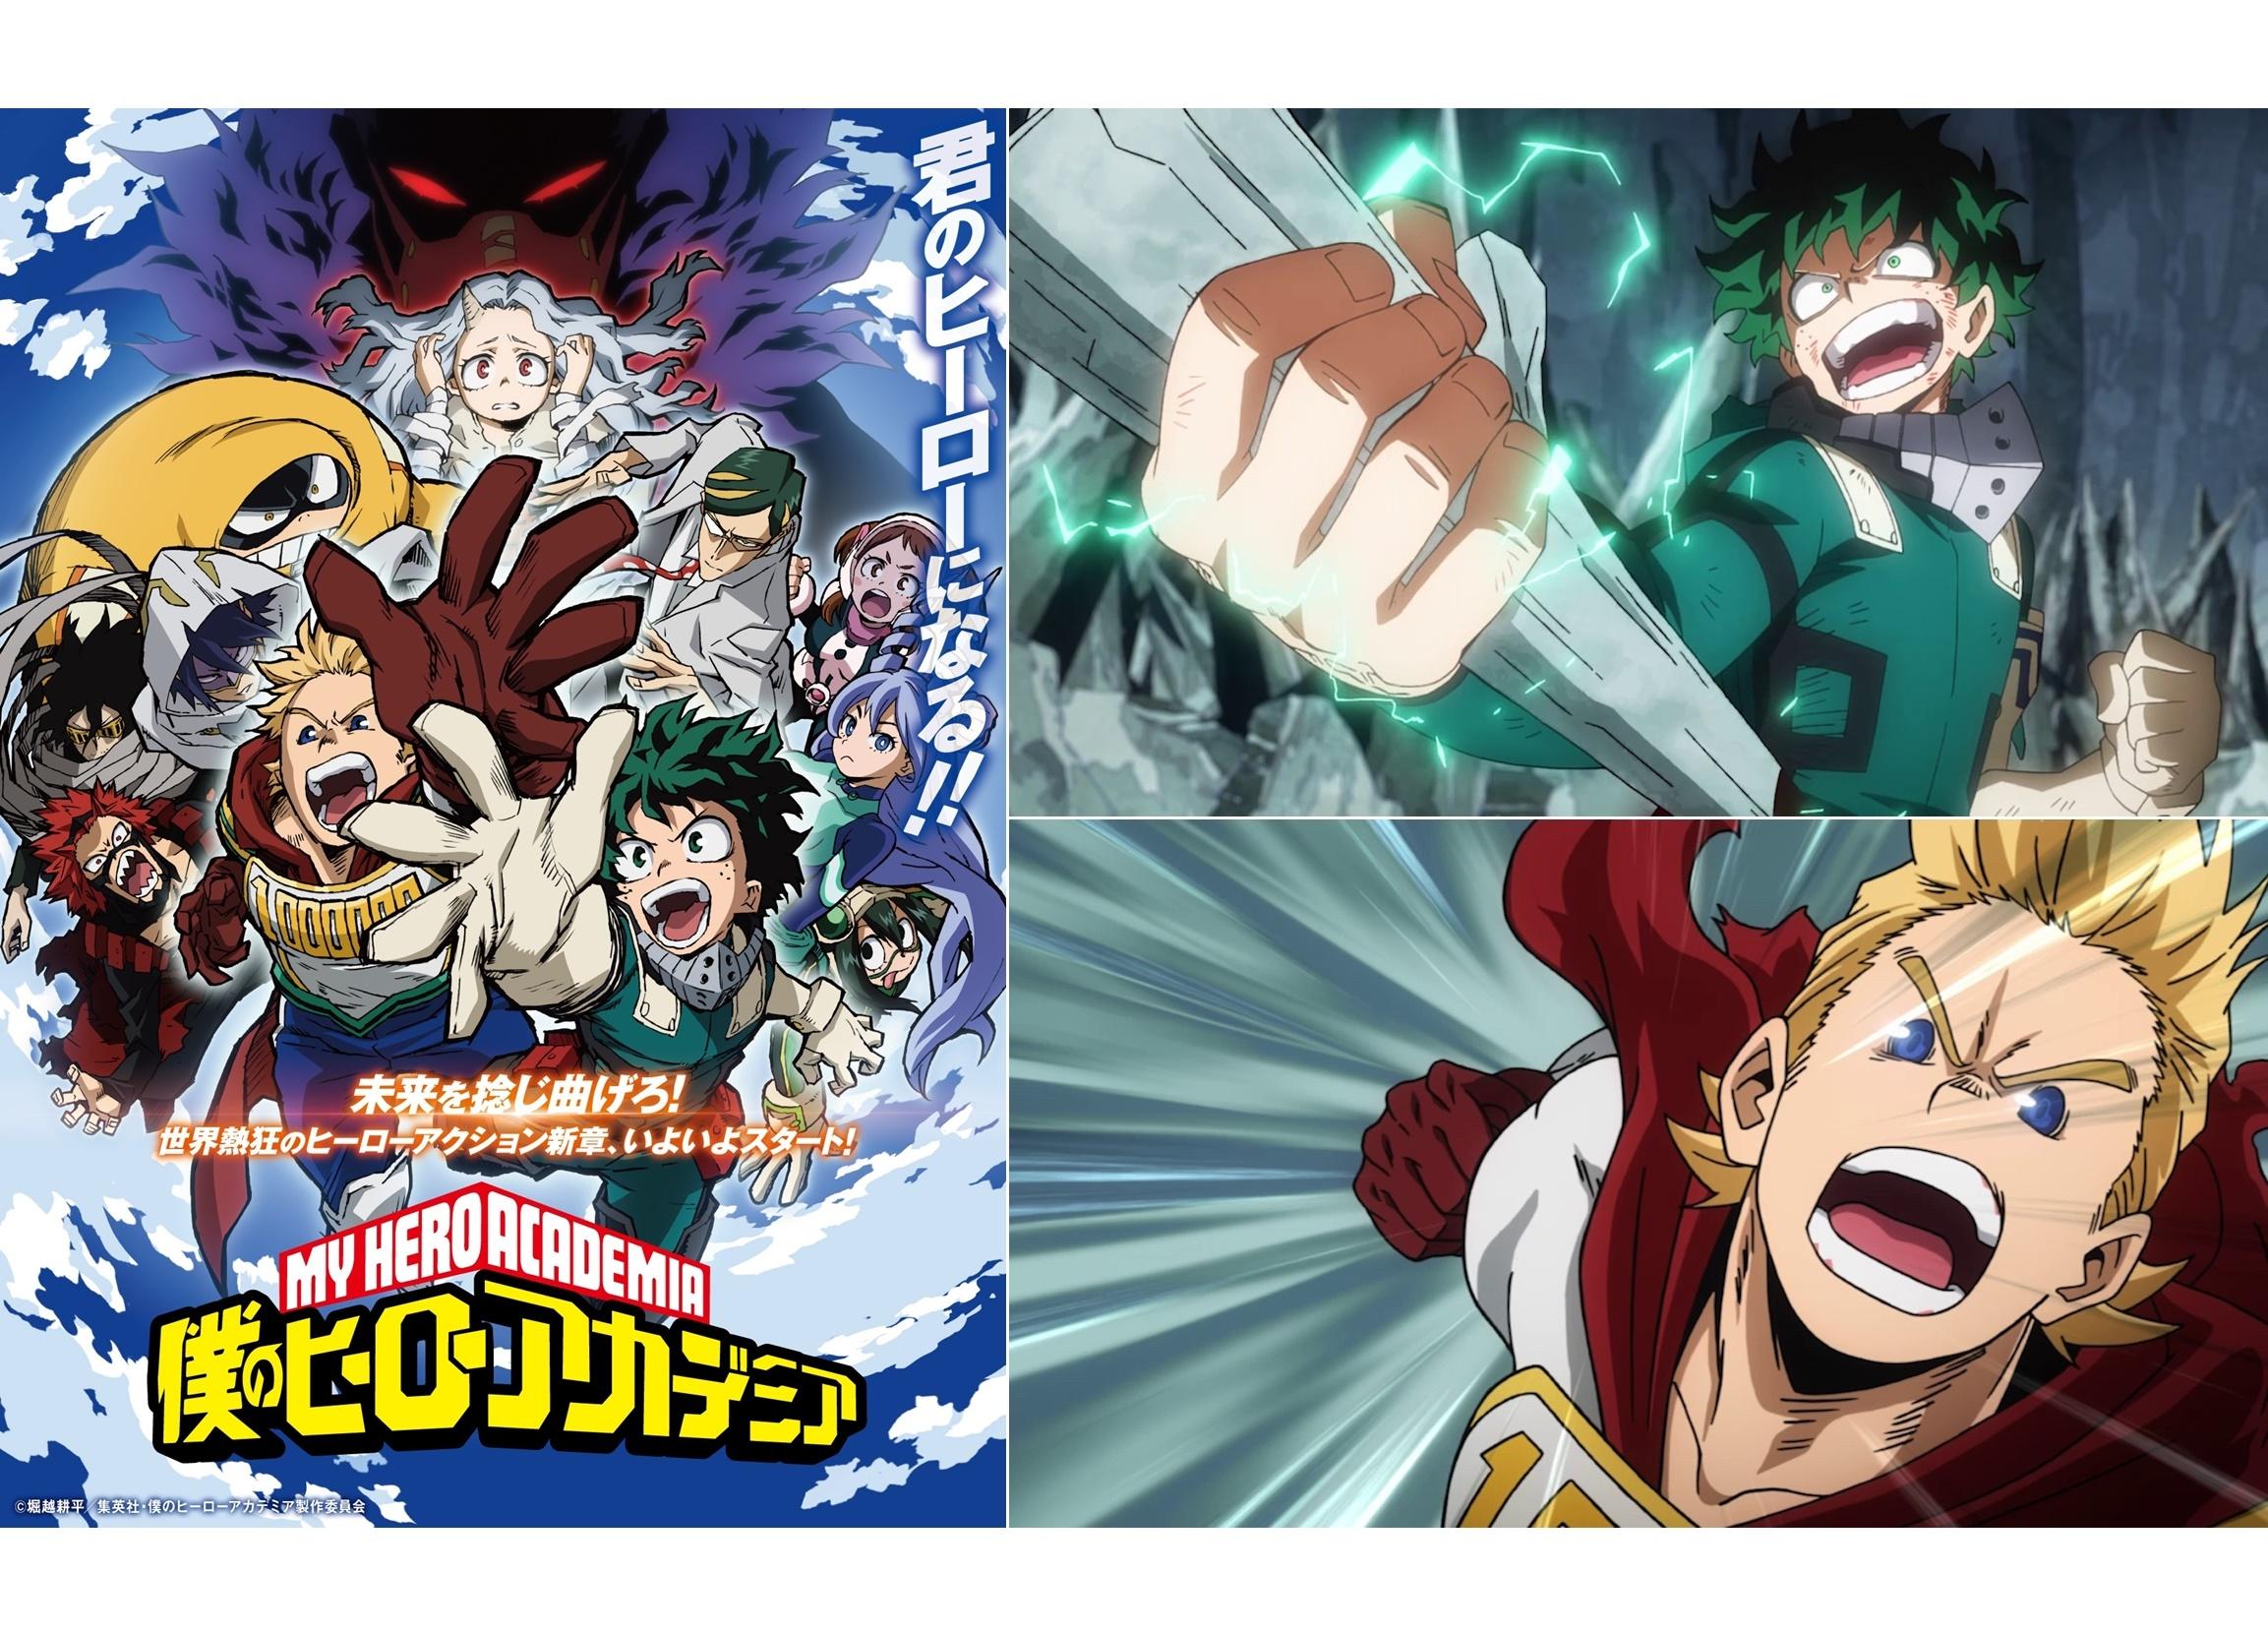 TVアニメ『ヒロアカ』第4期 11月1日よりHulu独占で先行配信スタート